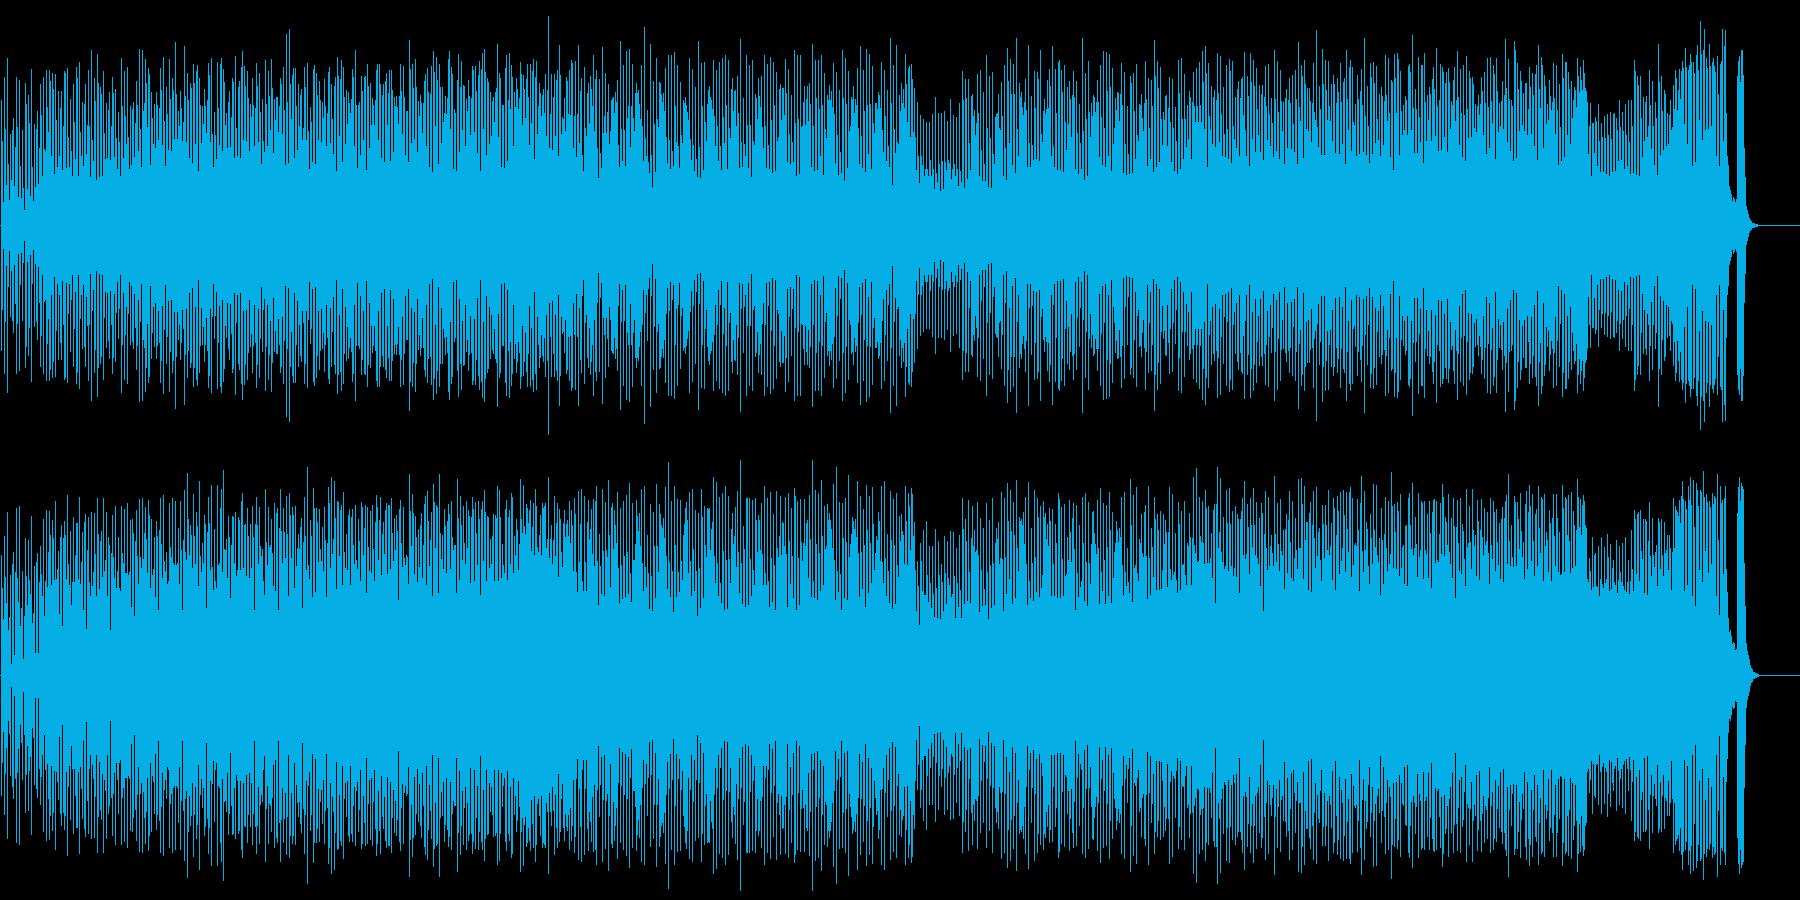 スタイリッシュで淡々としたテクノポップの再生済みの波形